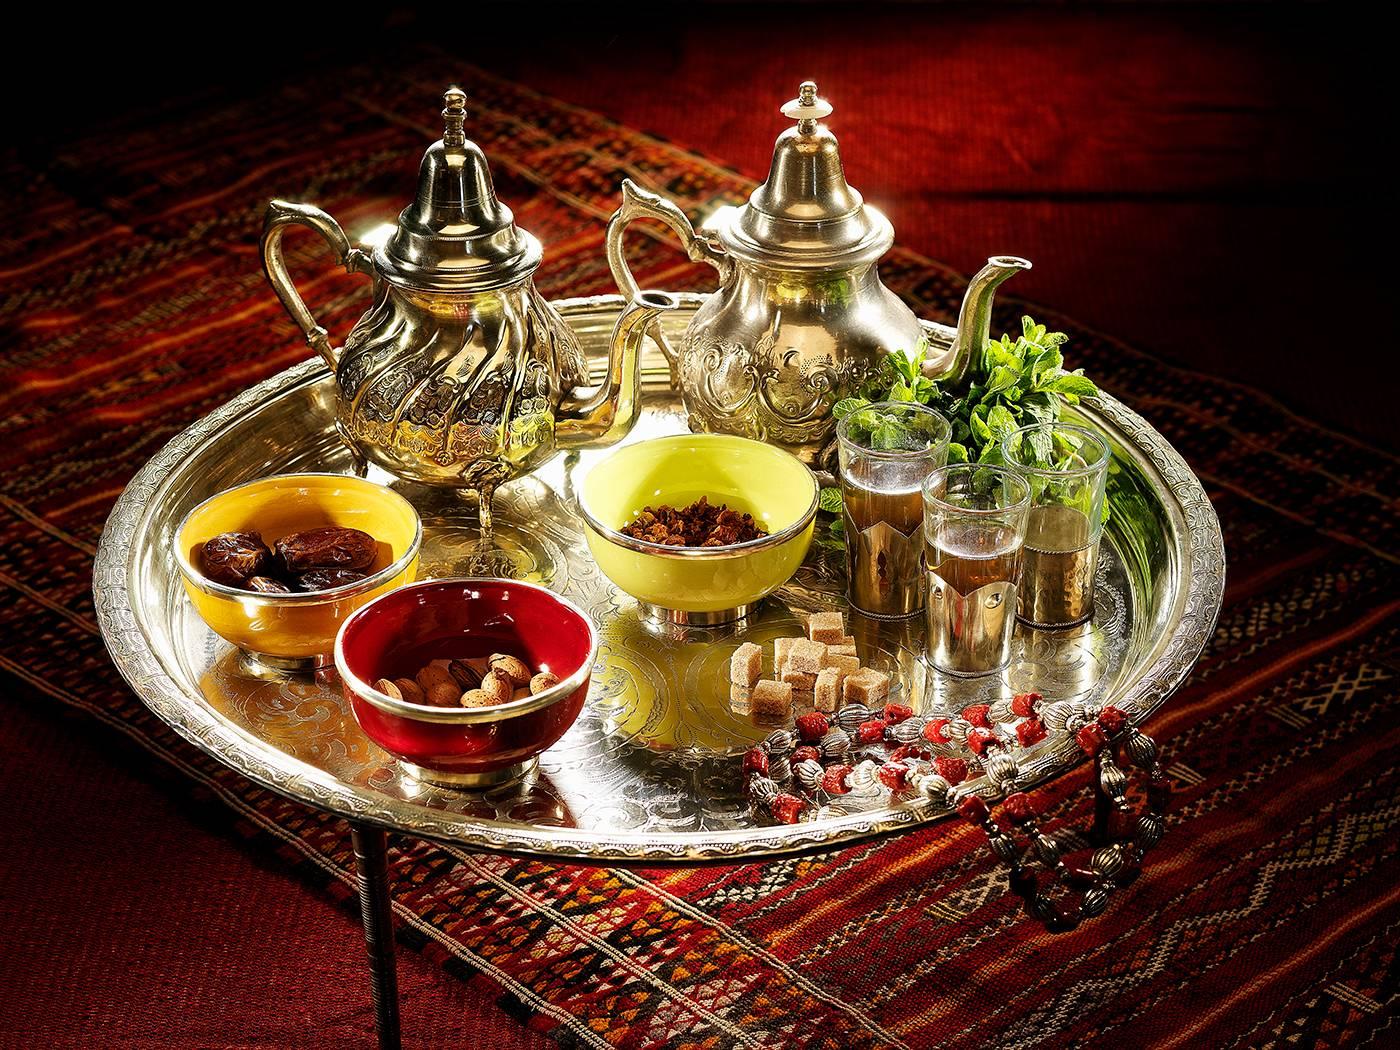 Рецепты кофе по-арабски